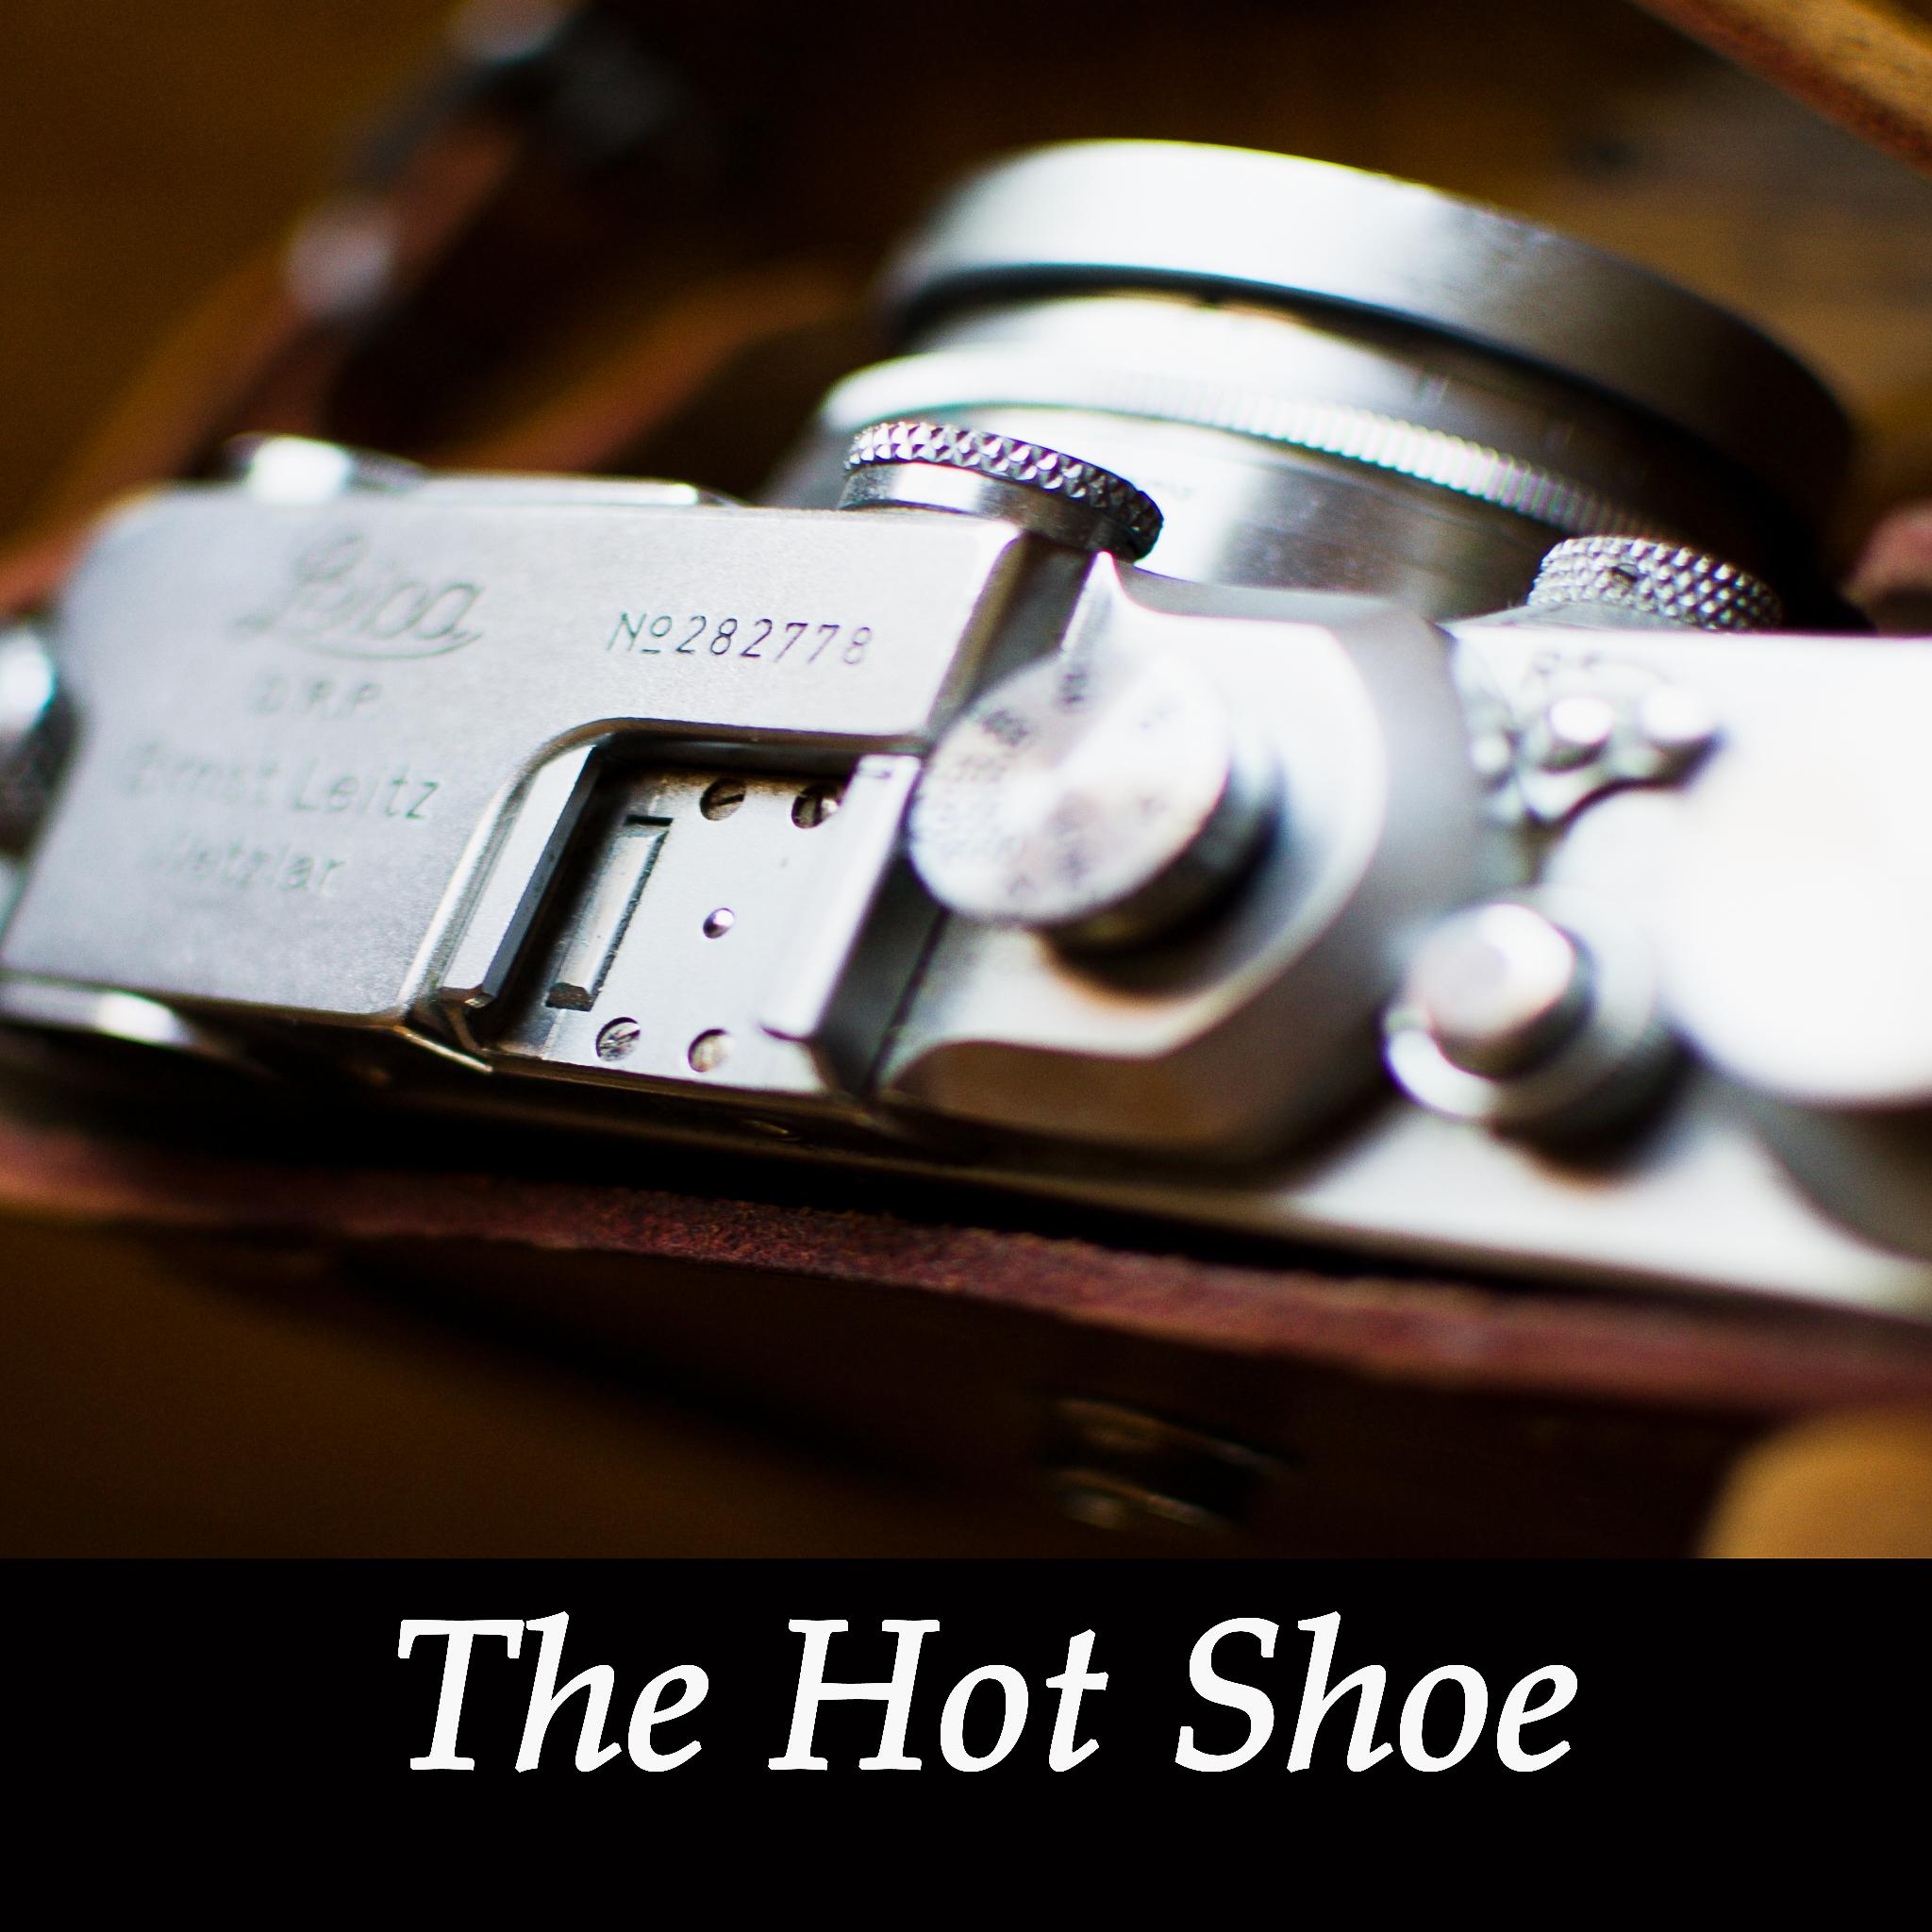 thehotshoe.jpg